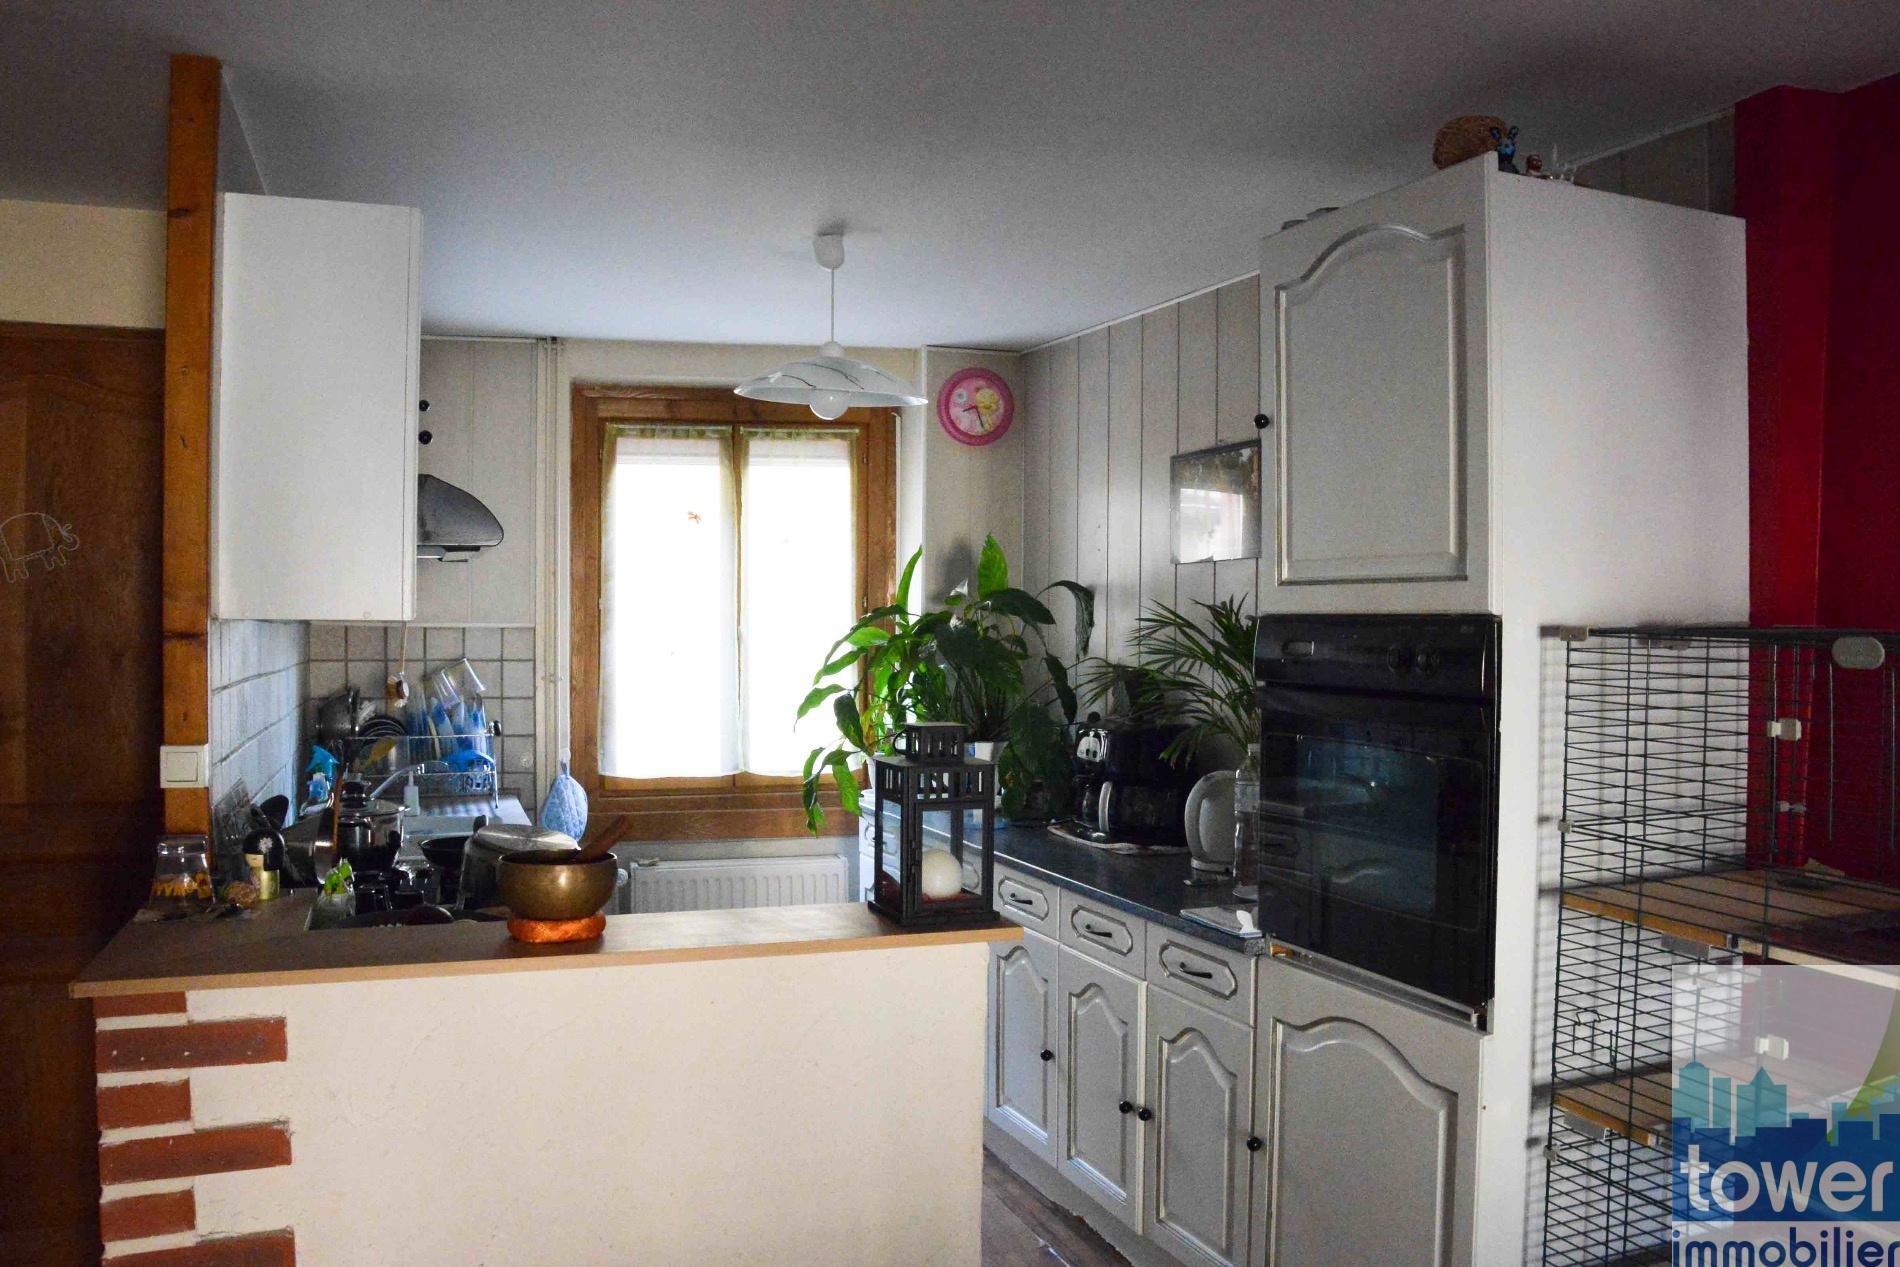 annonce vente maison la fouillouse 42480 83 m 132 000 992738670409. Black Bedroom Furniture Sets. Home Design Ideas